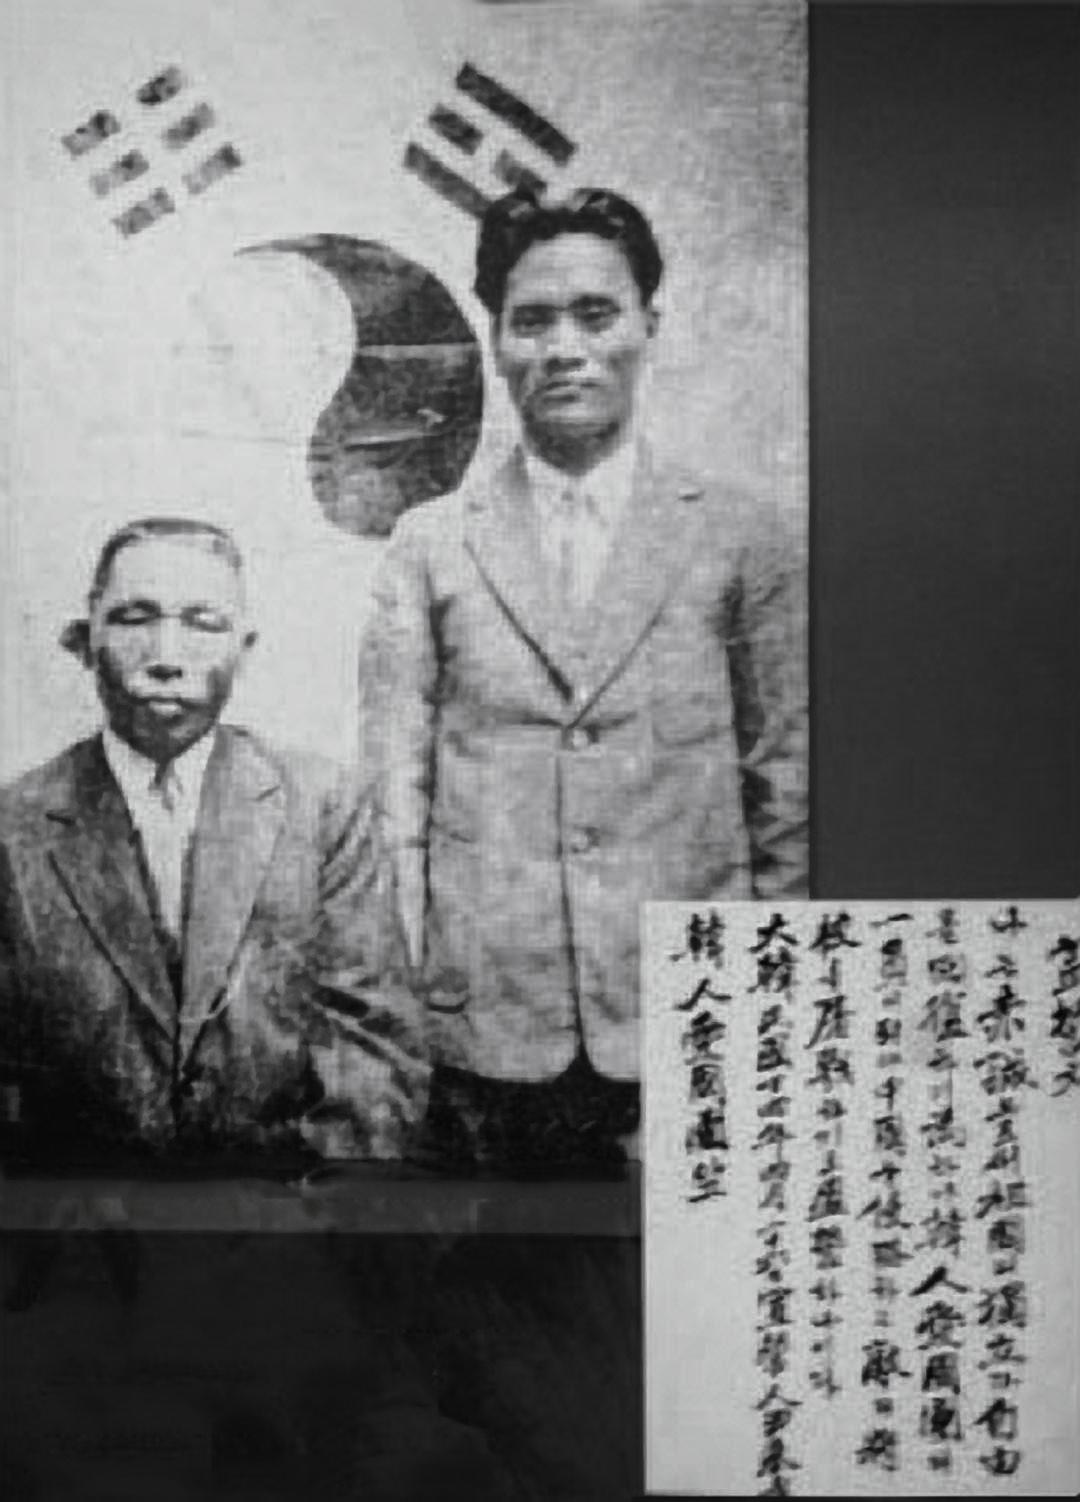 25-13 -1932년 4월 대한민국임시정부 김구 주석(1876∼1949)과 윤봉길 의사(1928∼1932)가 항일 거사를 앞두고 기념사진을 찍을 때 걸었던 태극기. 윤봉길 의사는 이 사진을 찍은 후 4월 29일 중국 상해에서 열린 일왕의 생일기념 행사장에서 폭탄을 투척했다.윤봉길 의사의 이 거사는 전 세계의 이목을 집중시켰고 이를 계기로 대한민국임시정부가 독립운동의 구심체역할을 수행하게 되었다.